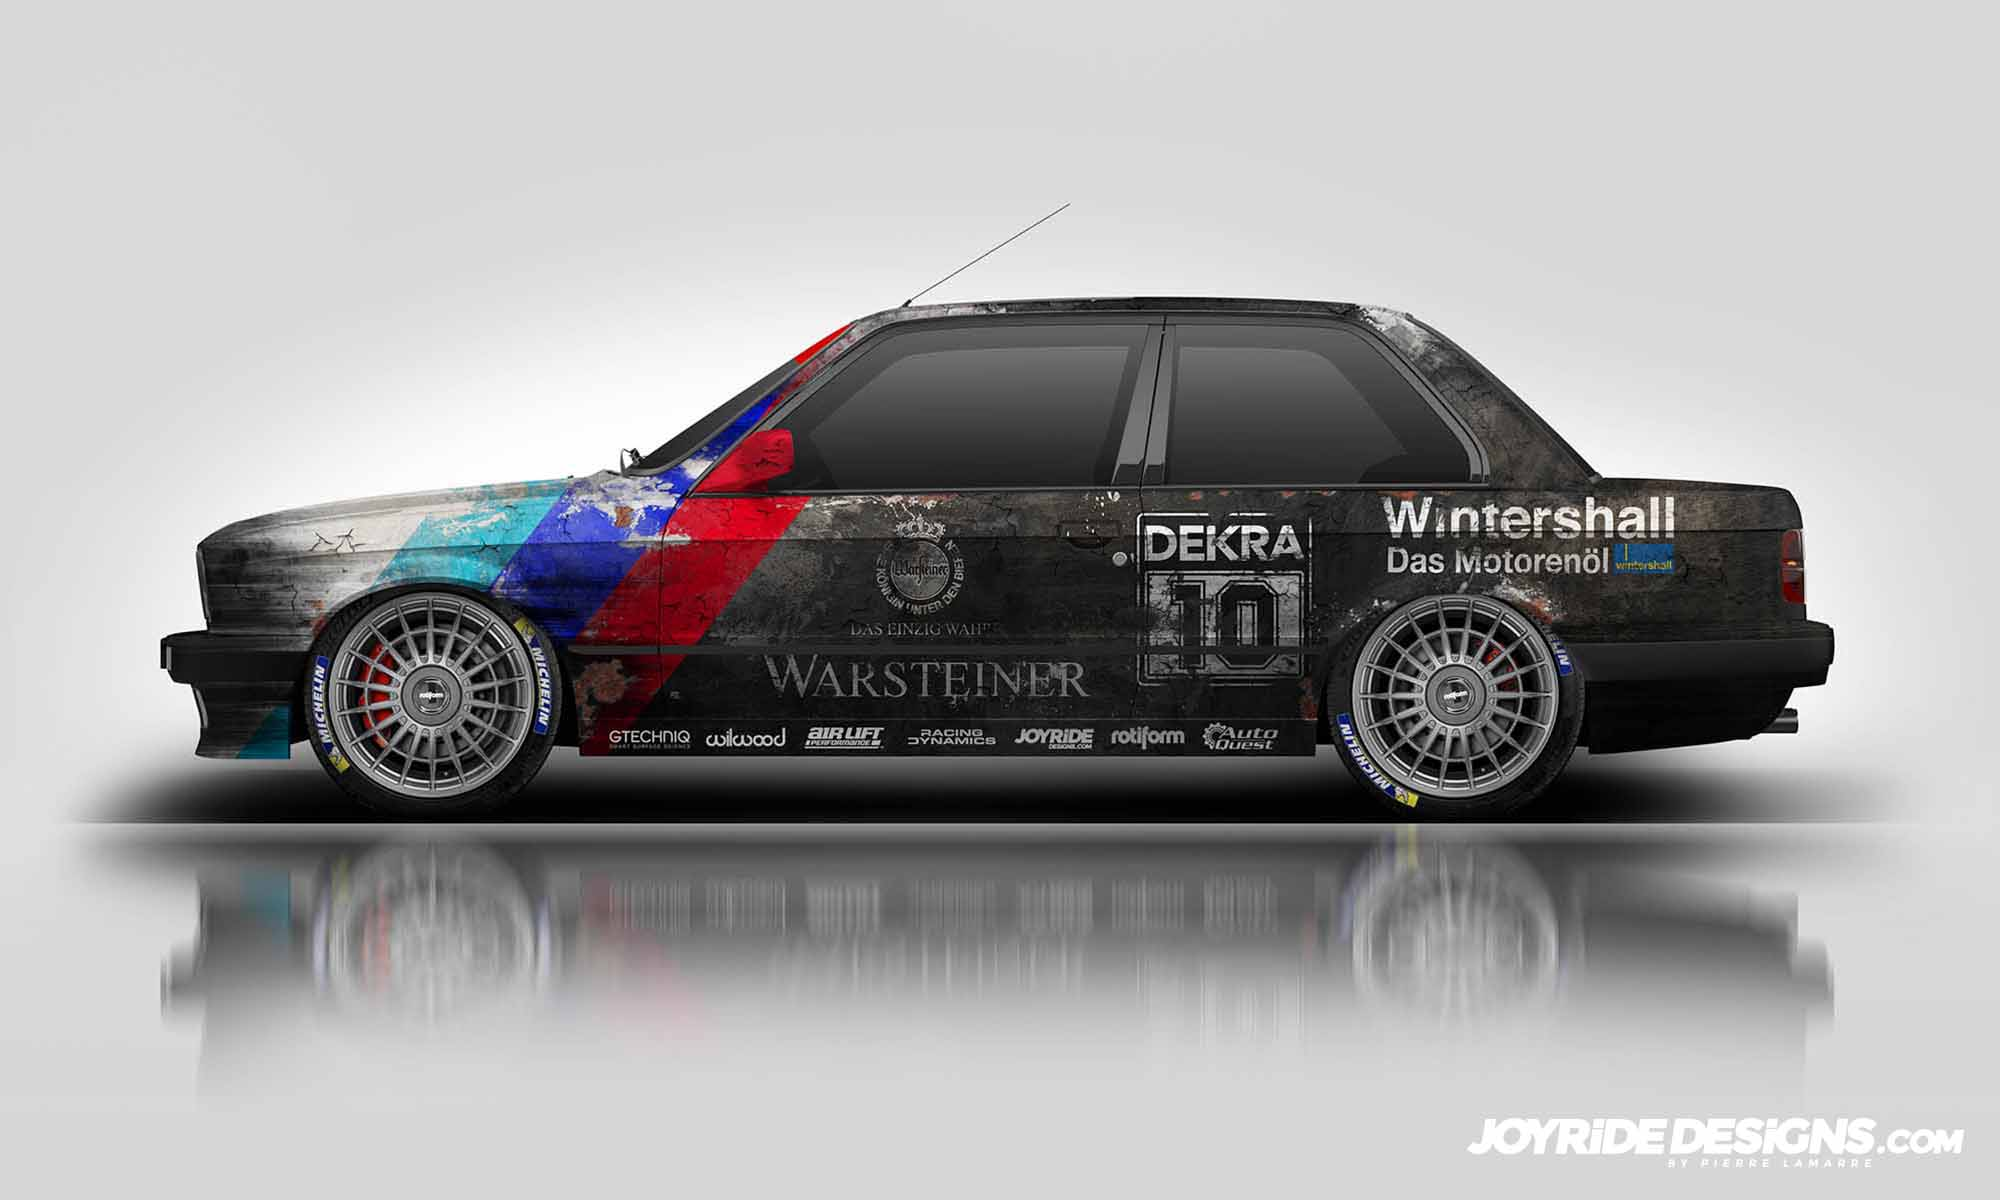 BMW E30 WEATHERED DEKRA BARN FIND JOYRIDE WRAP DESIGN DRIVER SIDE